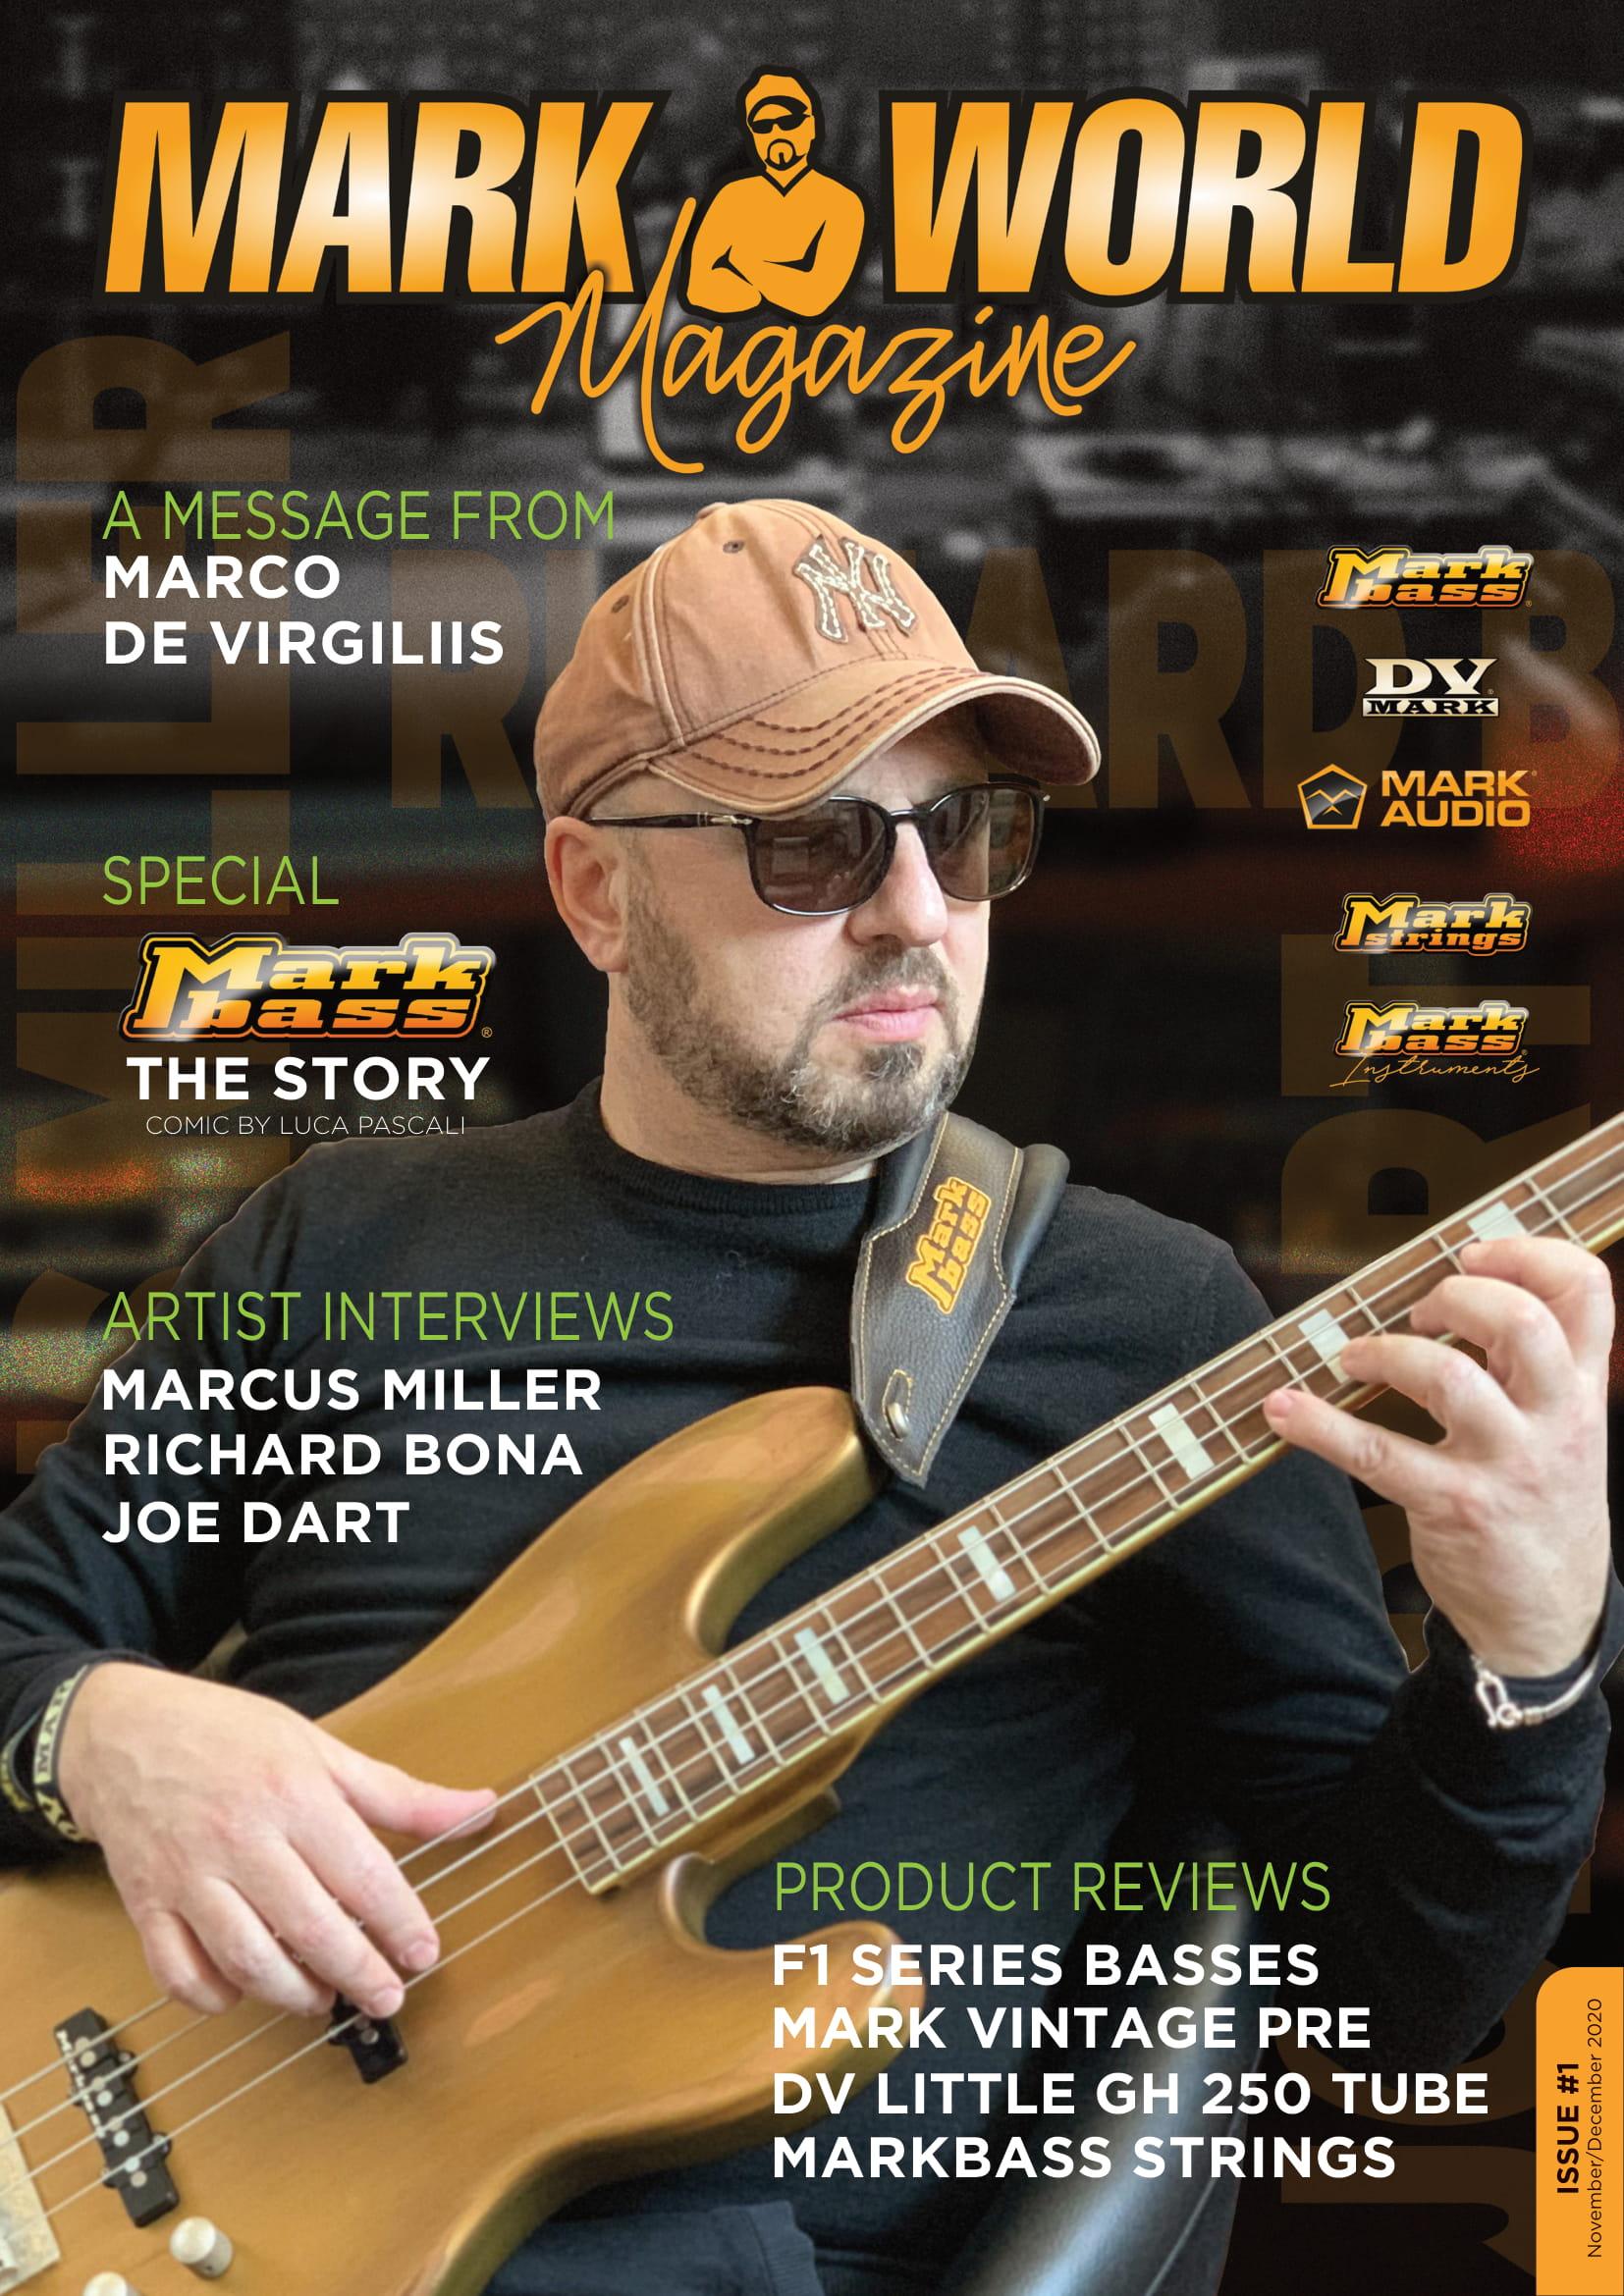 Markbass / DV Mark隆重推出了線上雜誌!